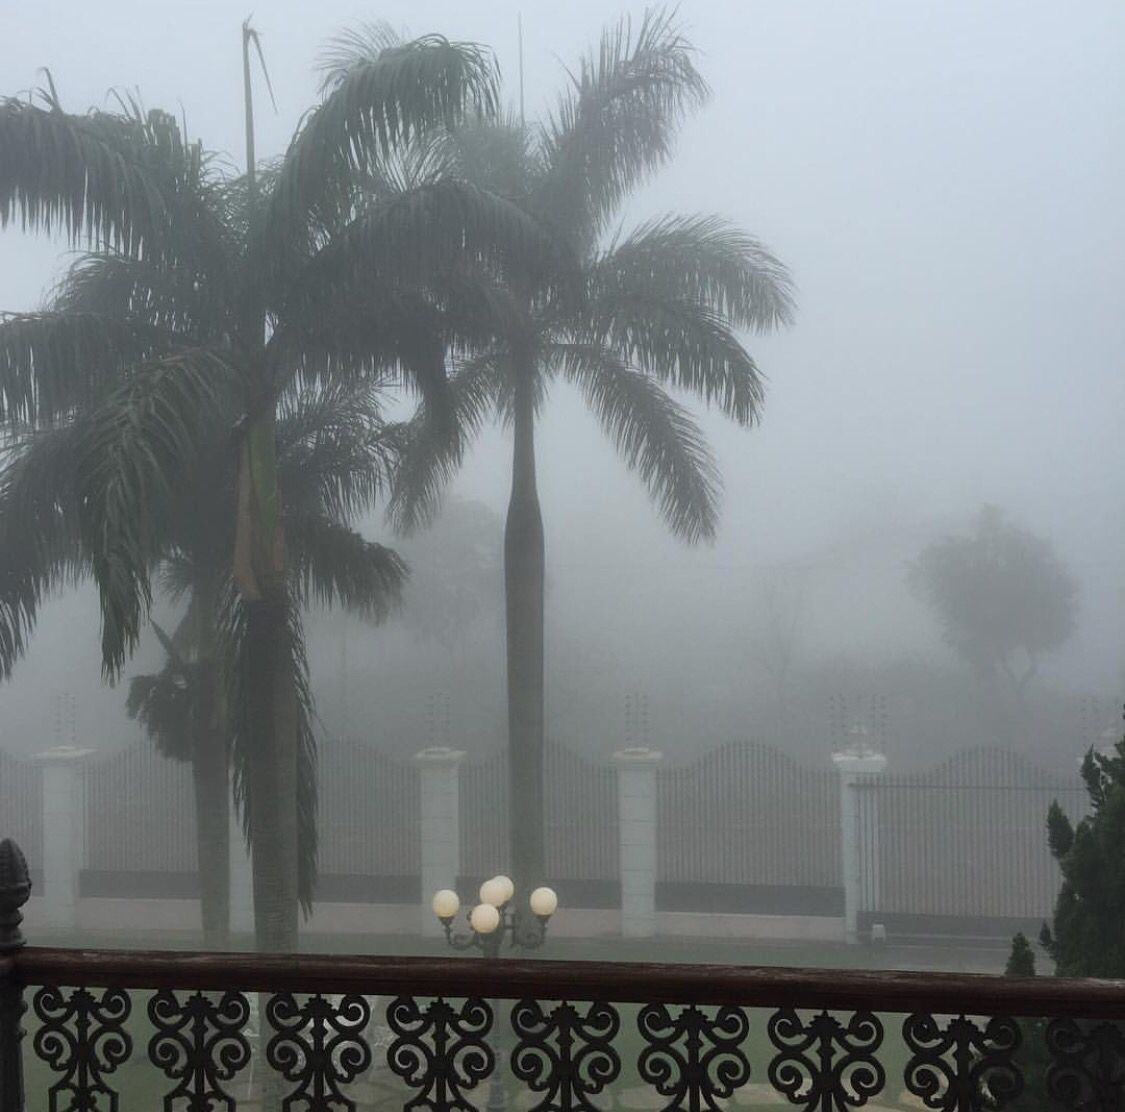 Neblina E Friozinho Chapadadosguimaraes Guimaraes